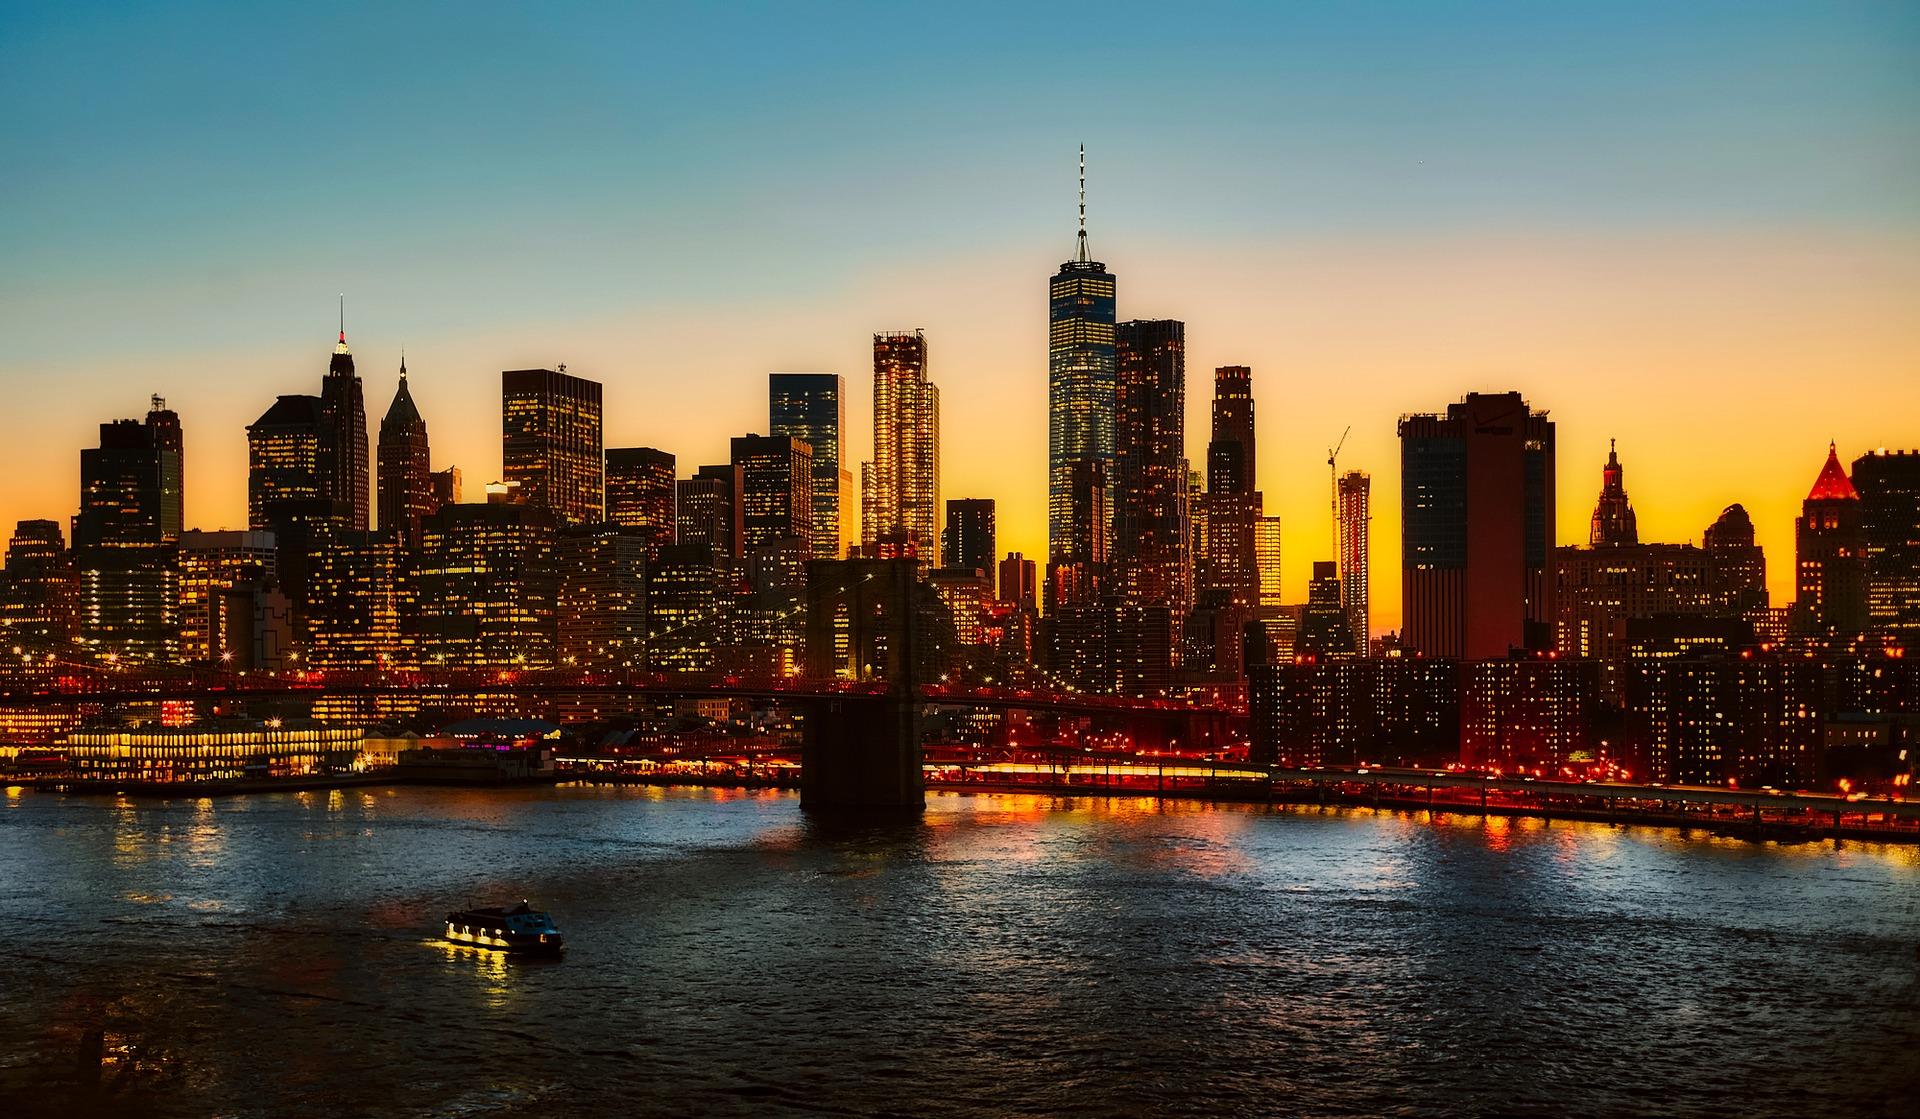 0万美元奢华曼哈顿河景房